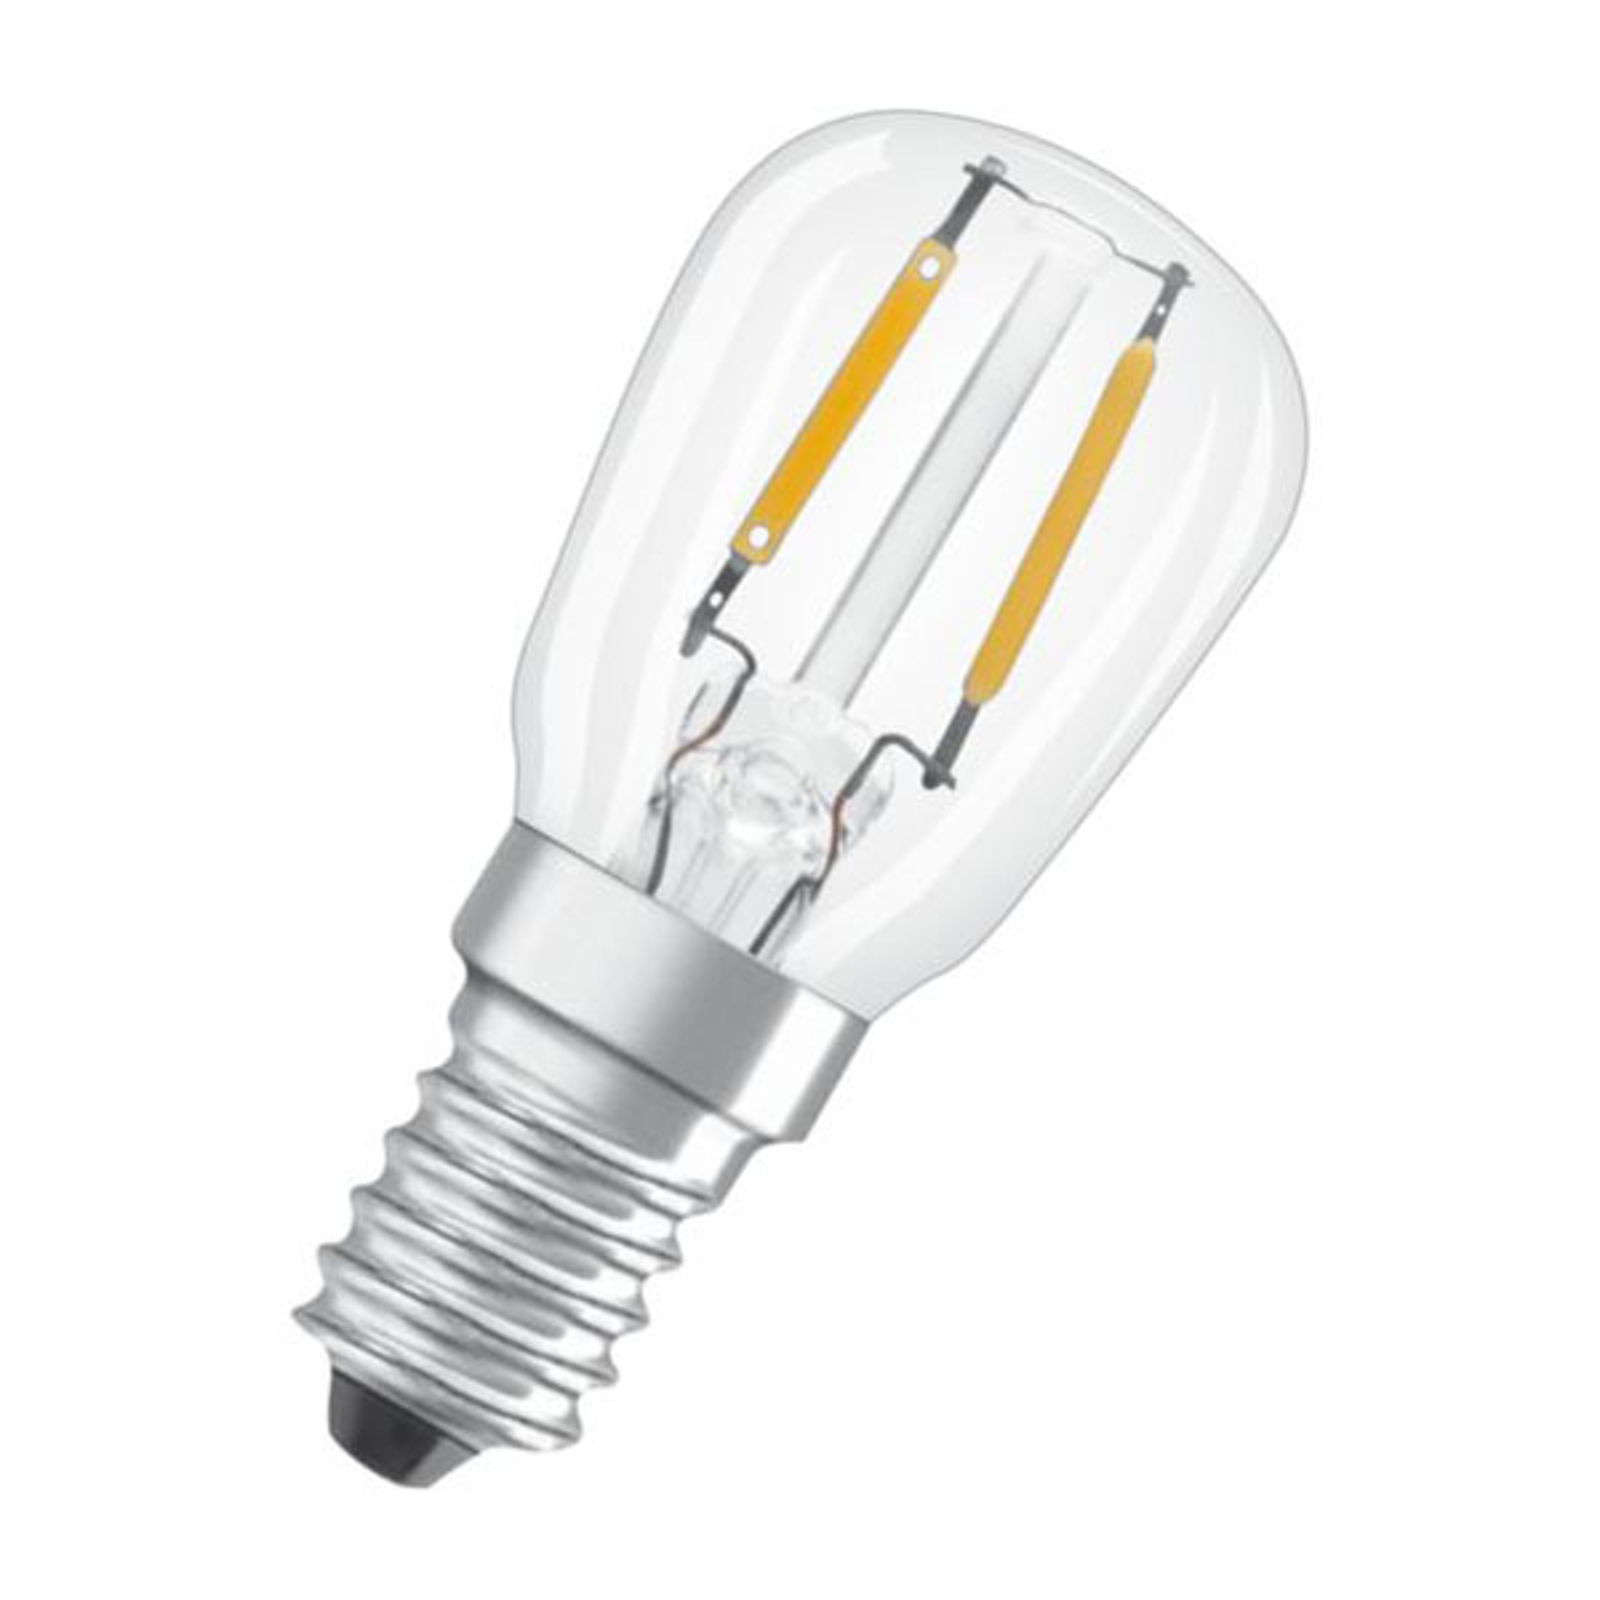 OSRAM LED-Lampe E14 T26 2,2W 2.700K klar 2er-Pack